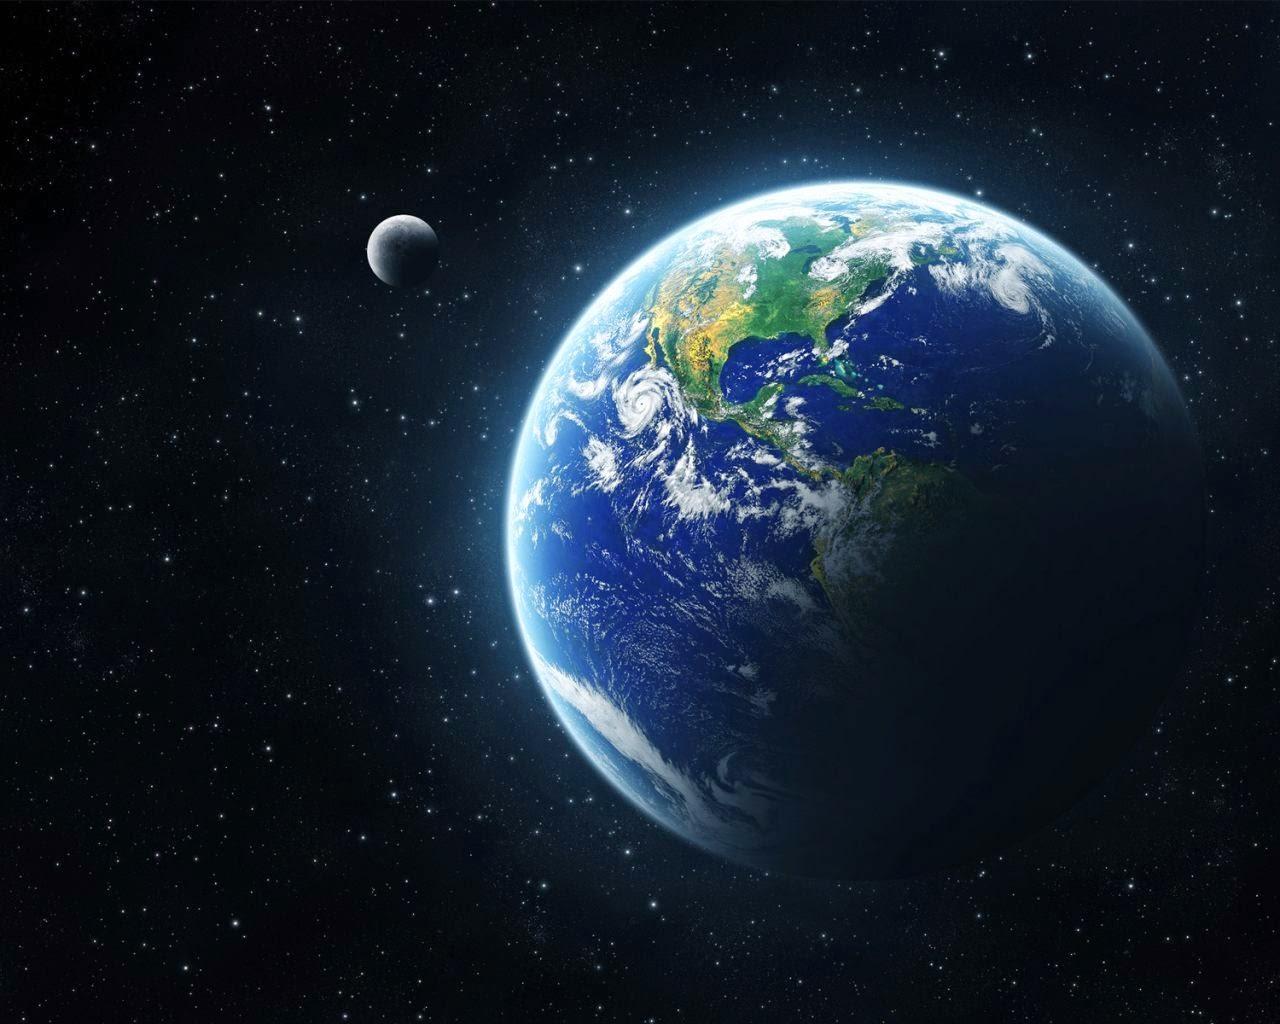 http://www.todopaisajes.com/imagenes-la-tierra-vista-desde-el-espacio-jpg-1280x1024